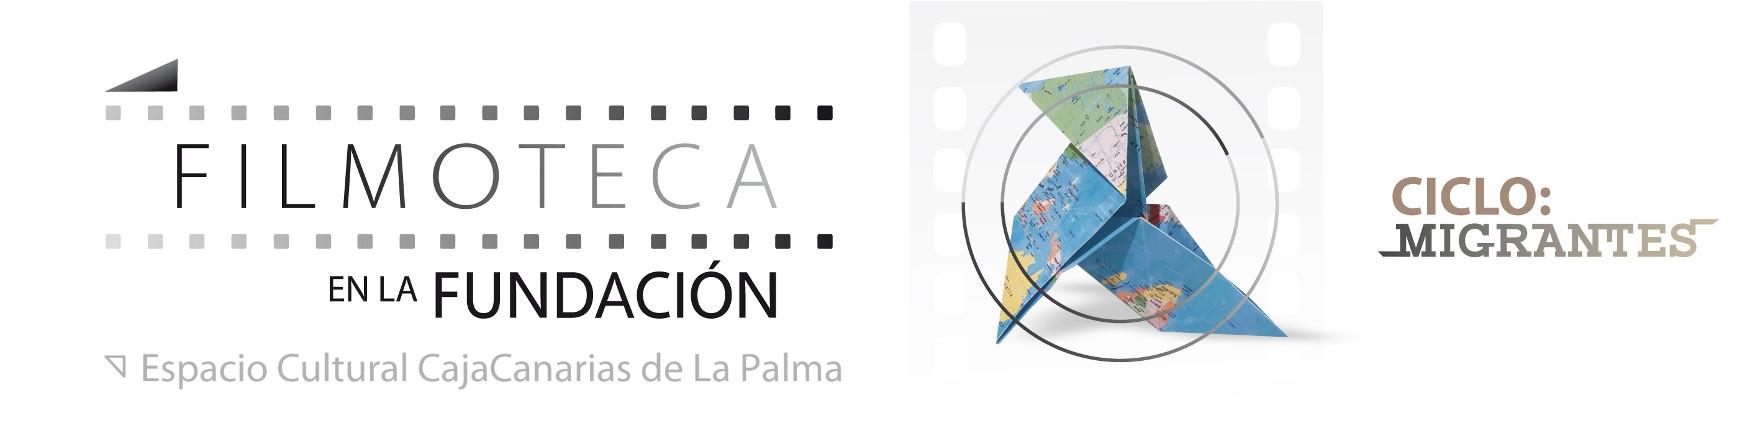 cab filmoteca ciclo migrantes la palma